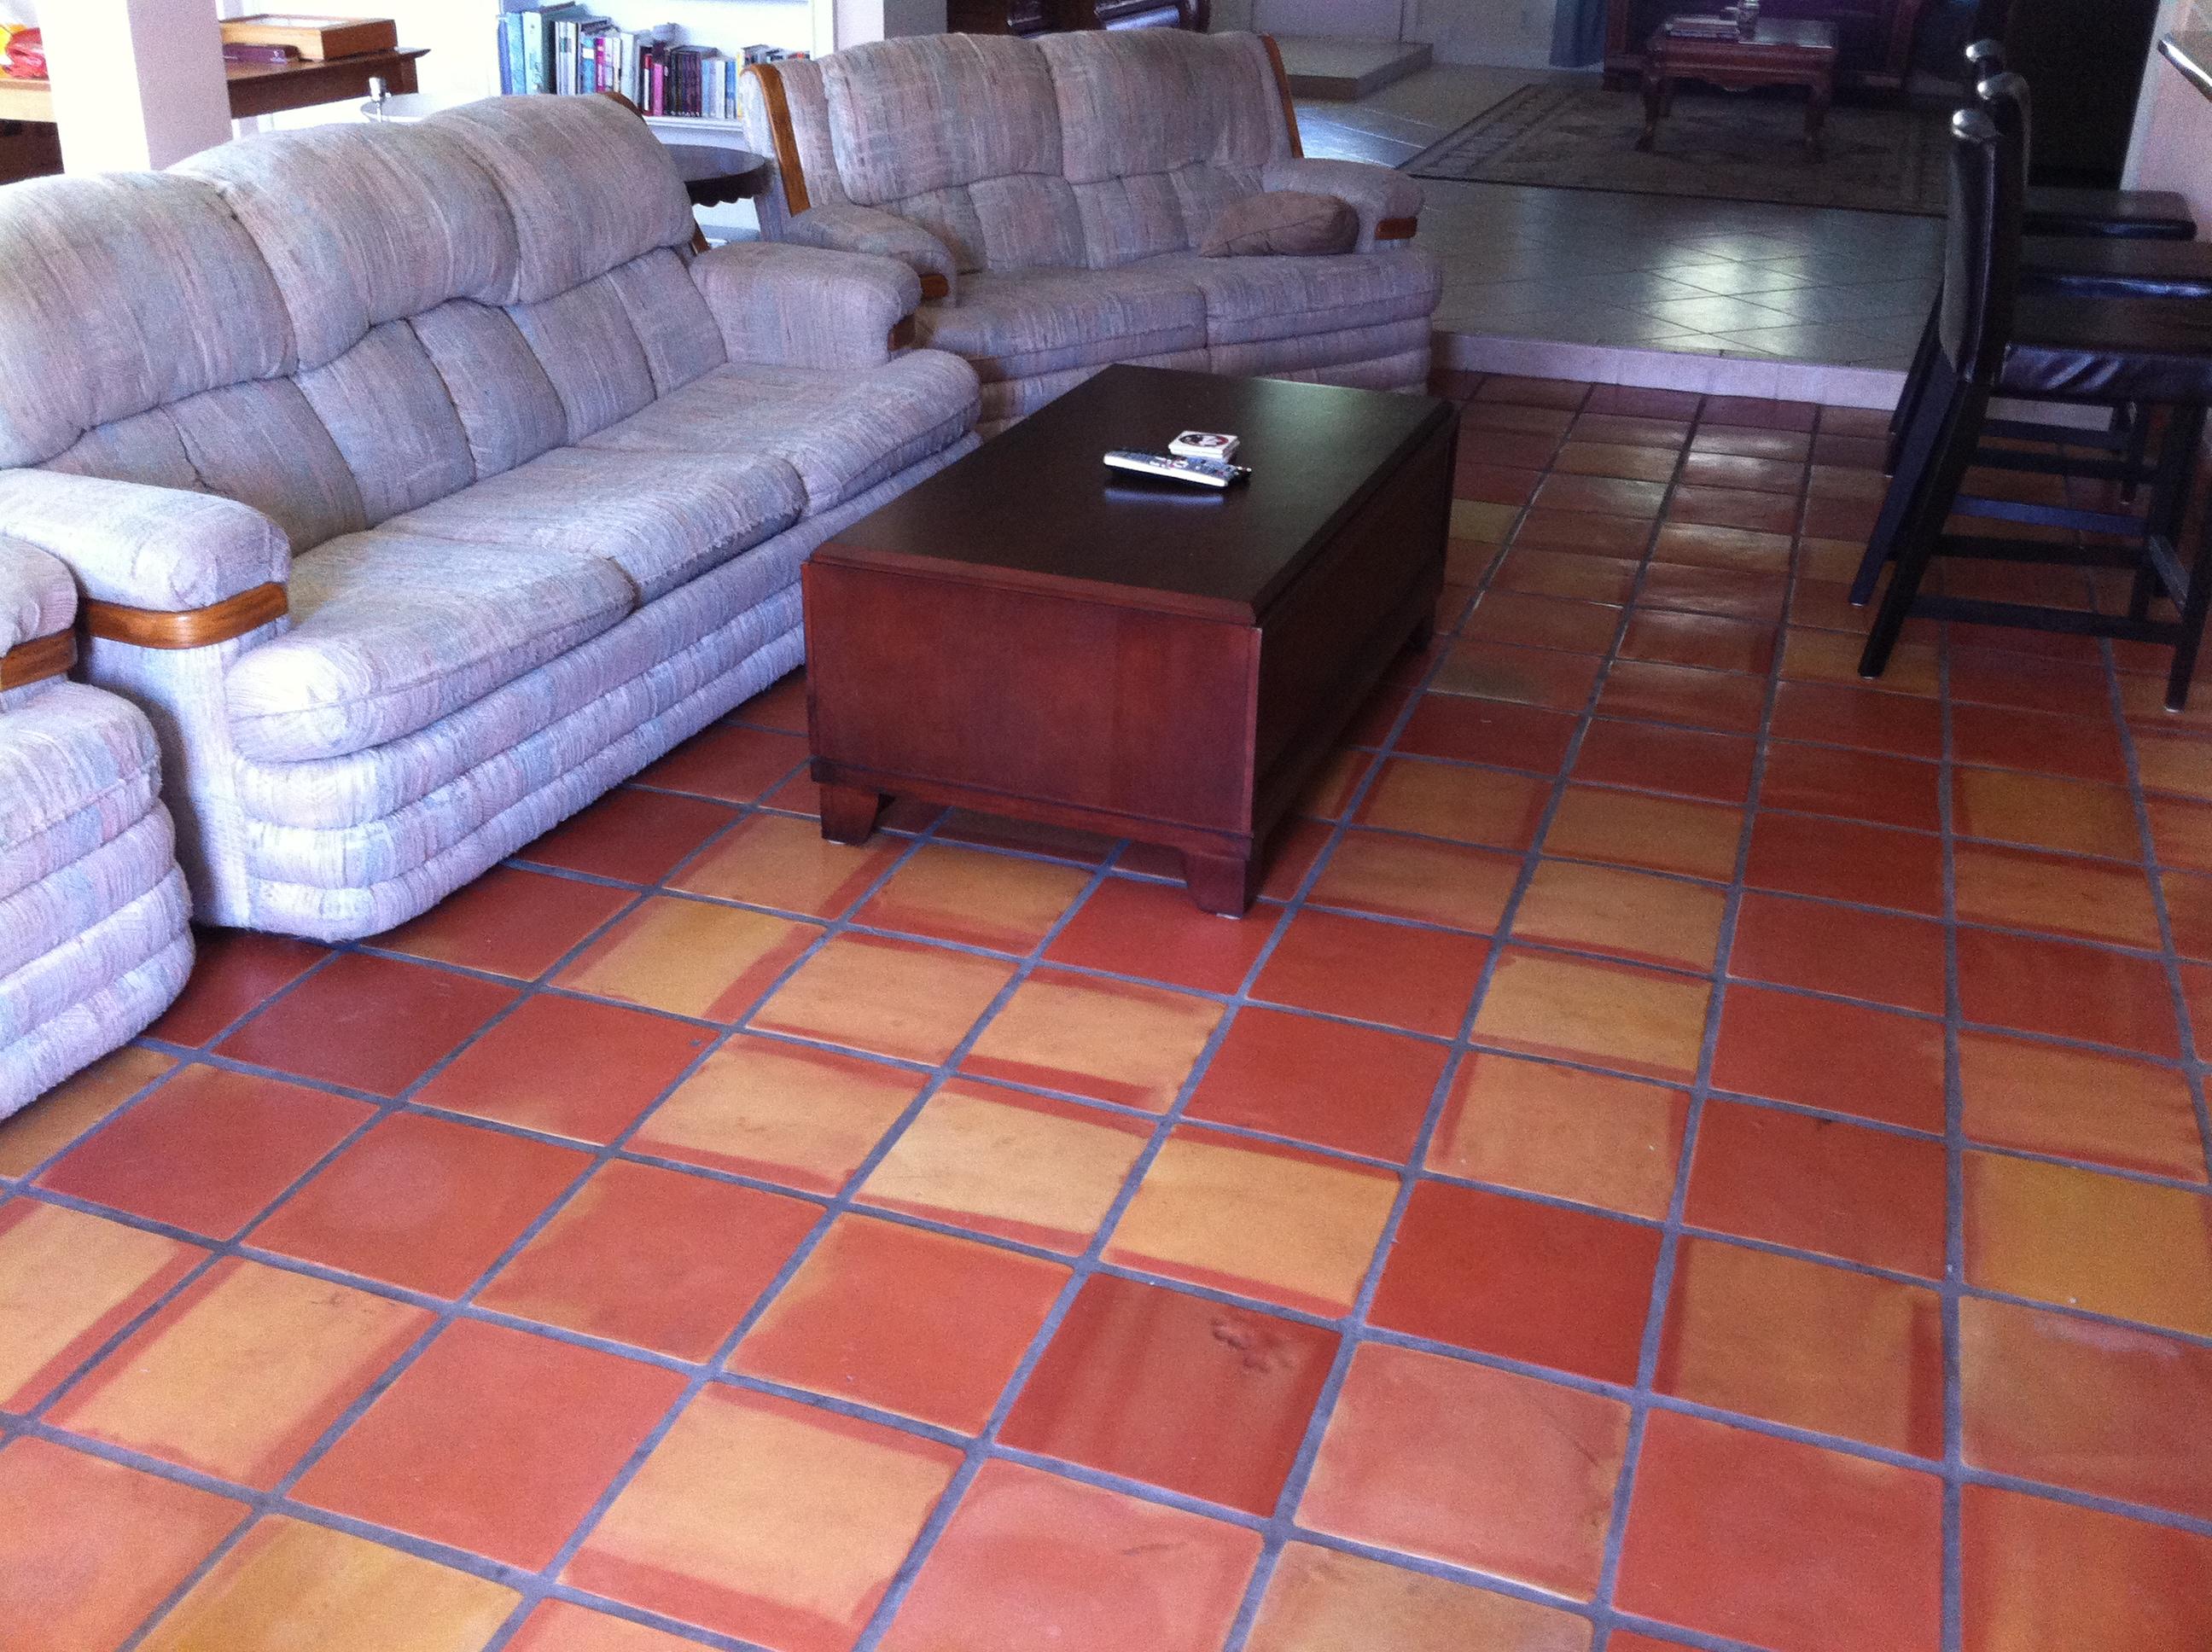 5 Hand Made Bricks Tiles in Pakistan Drawing Room Floor Tiles in Pakistan Images.